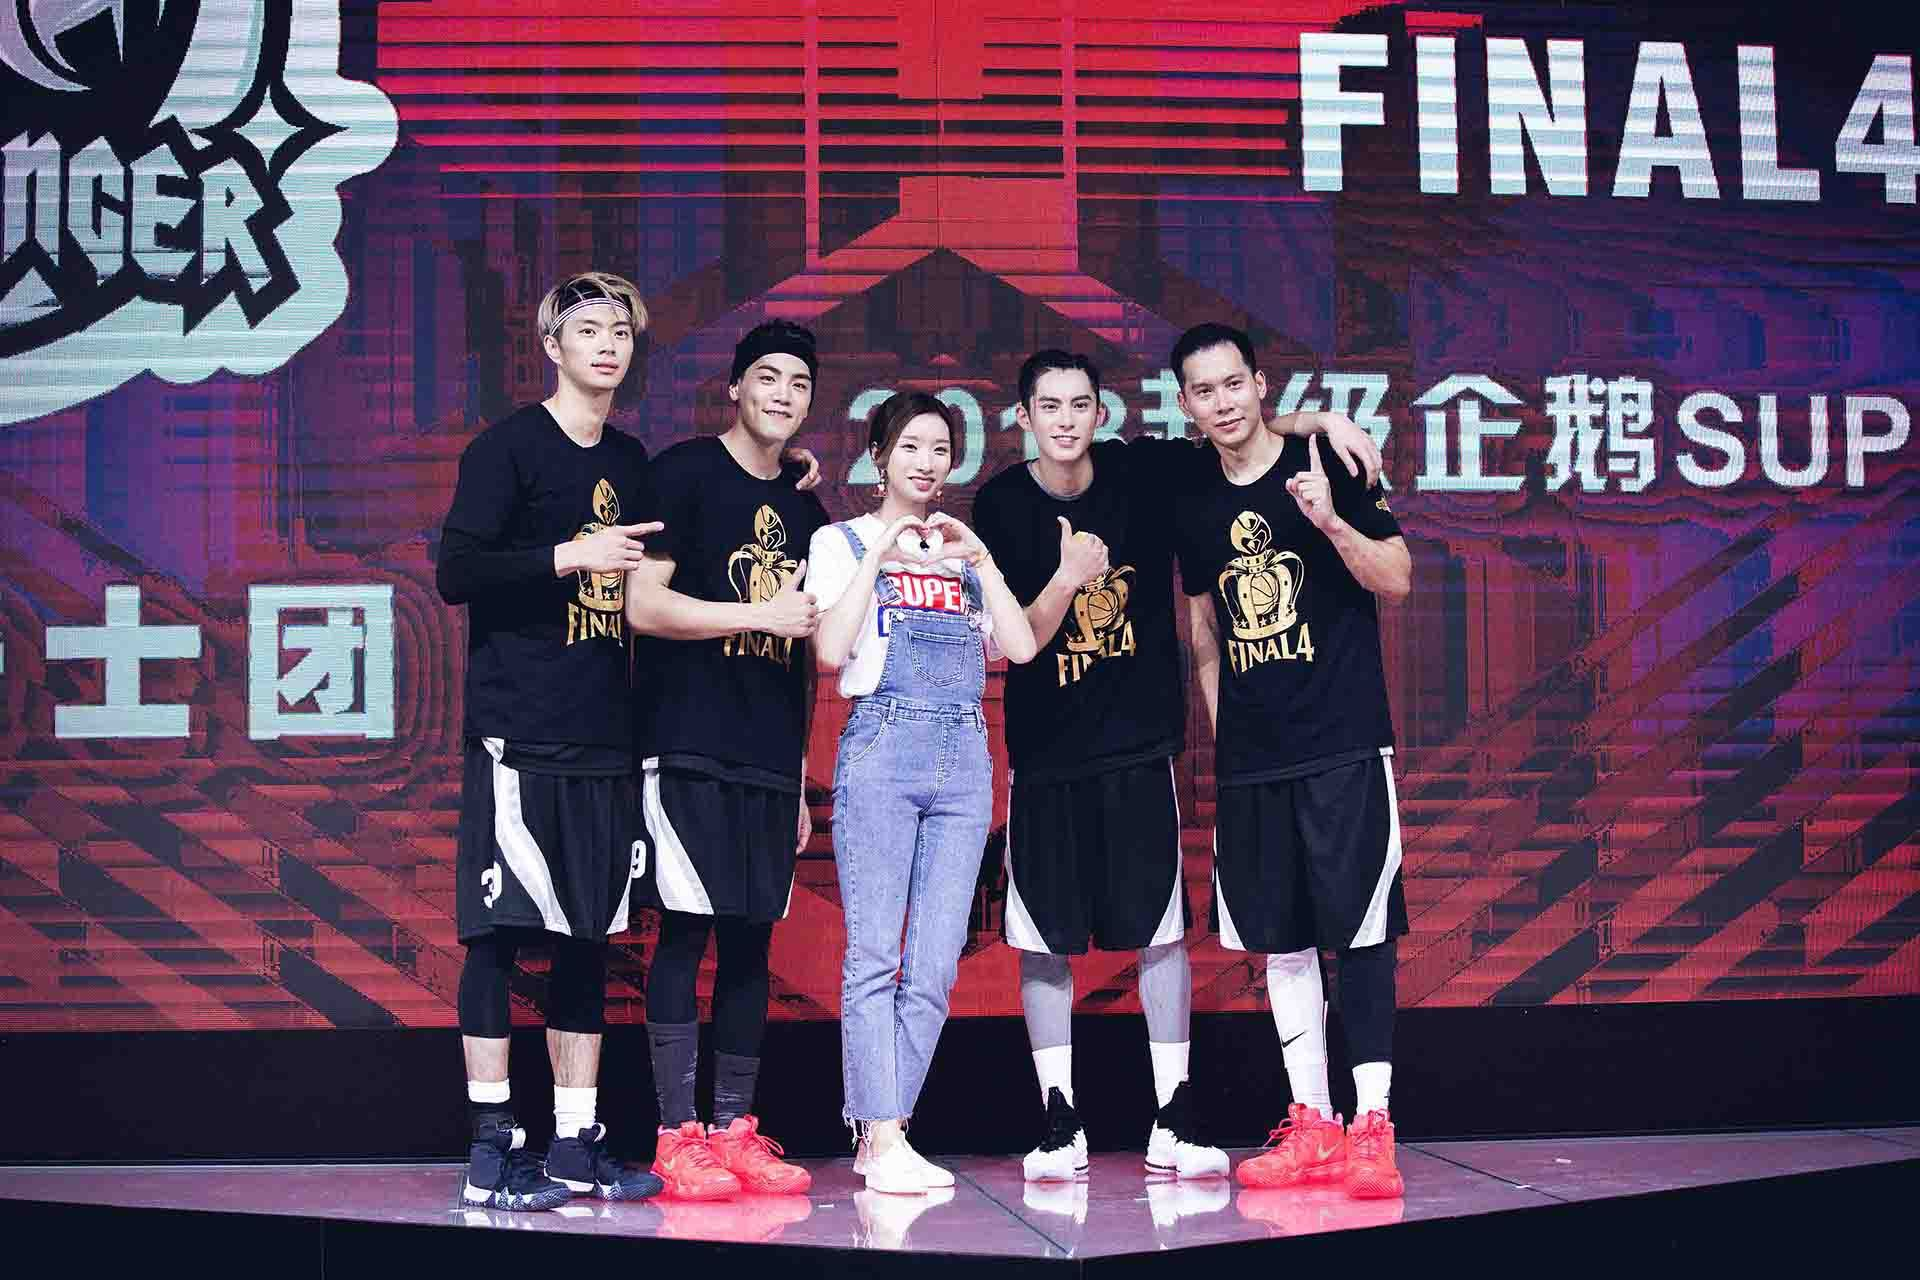 王鹤棣明星篮球赛率队夺冠 化身飘逸的篮球少年